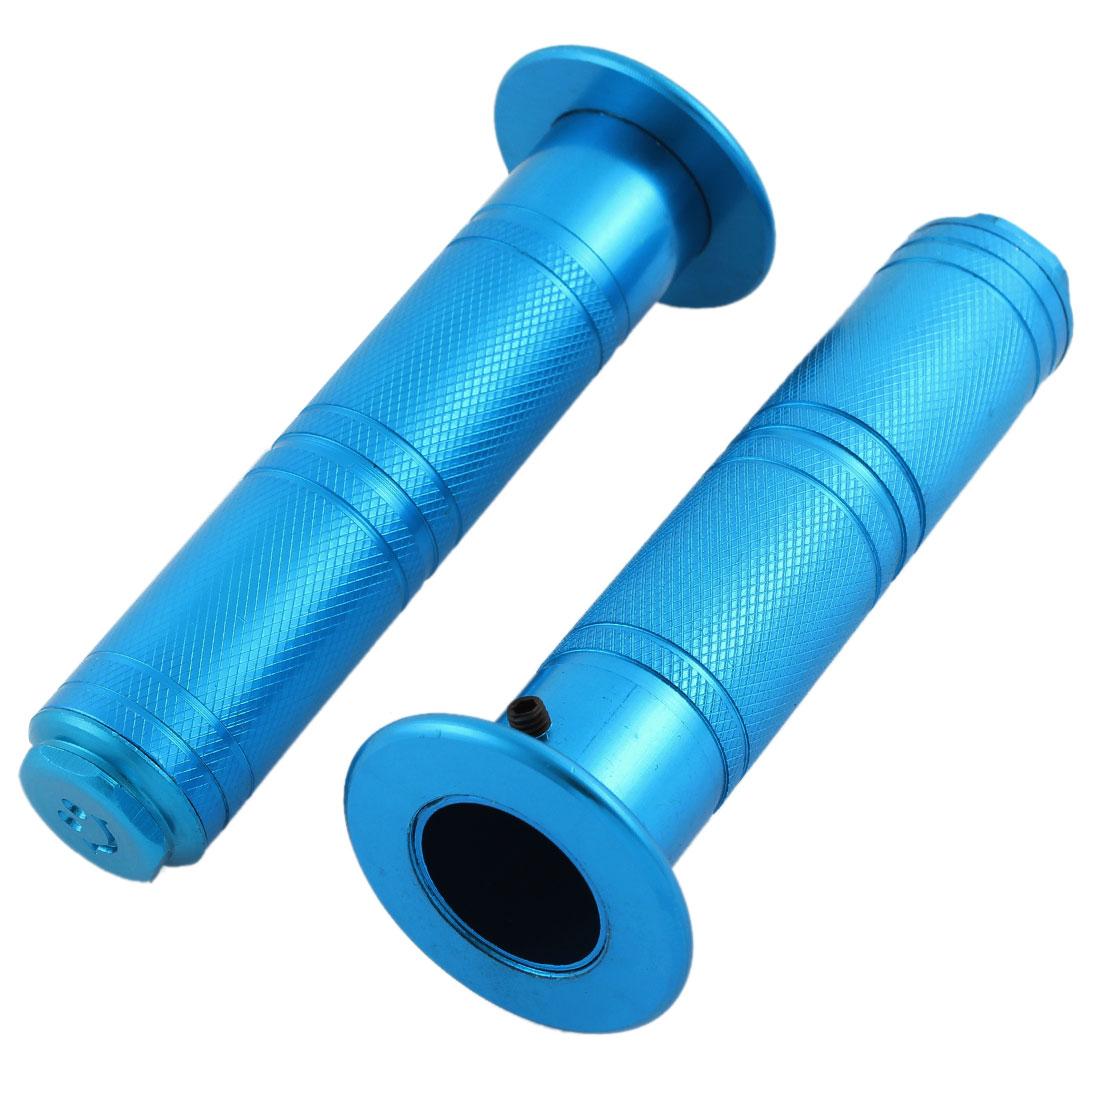 Unique Bargains Motrobike Blue 2.5cm Inner Dia Rustless Handlebar Grips Covers 2 Pcs